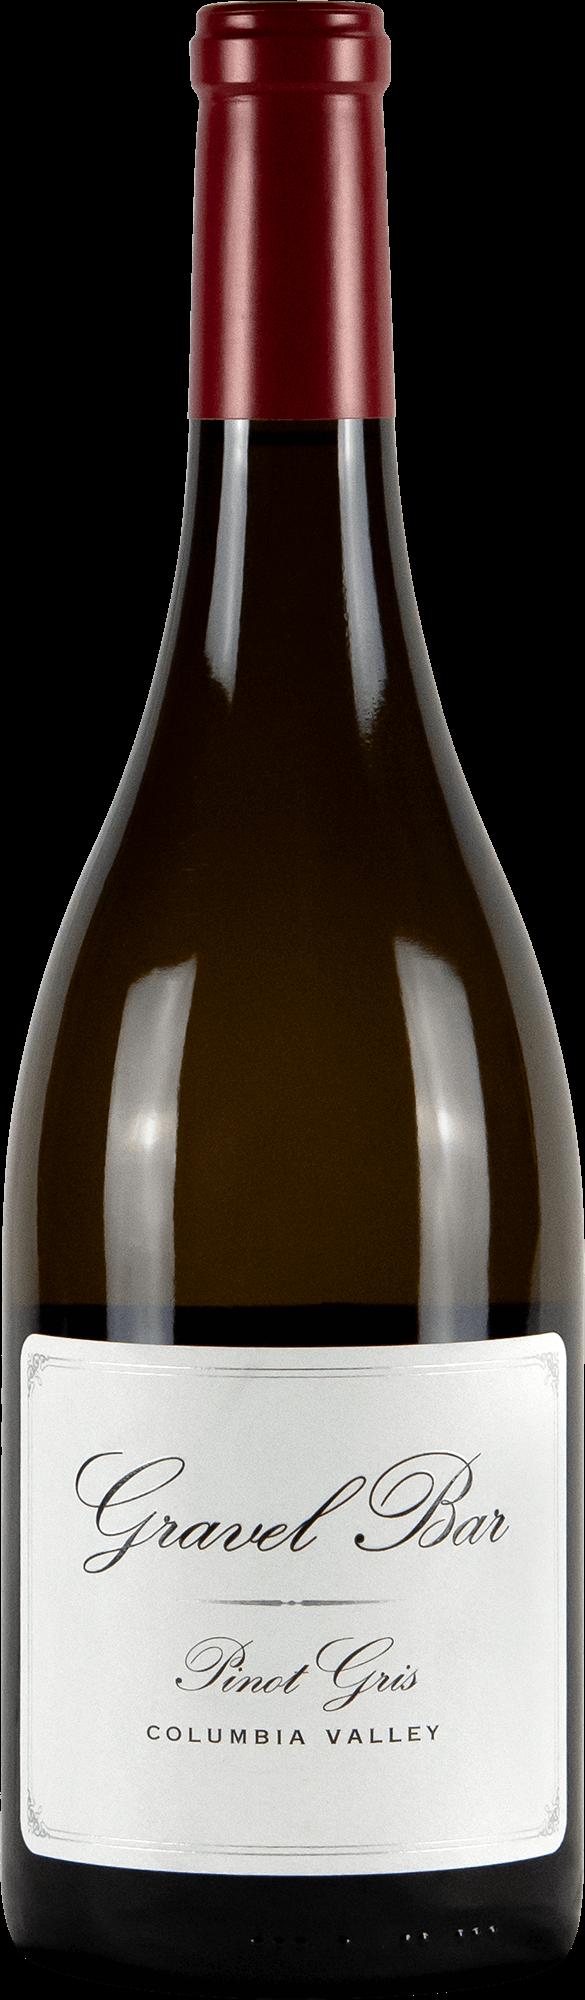 Gravel Bar Pinot Gris Bottleshot